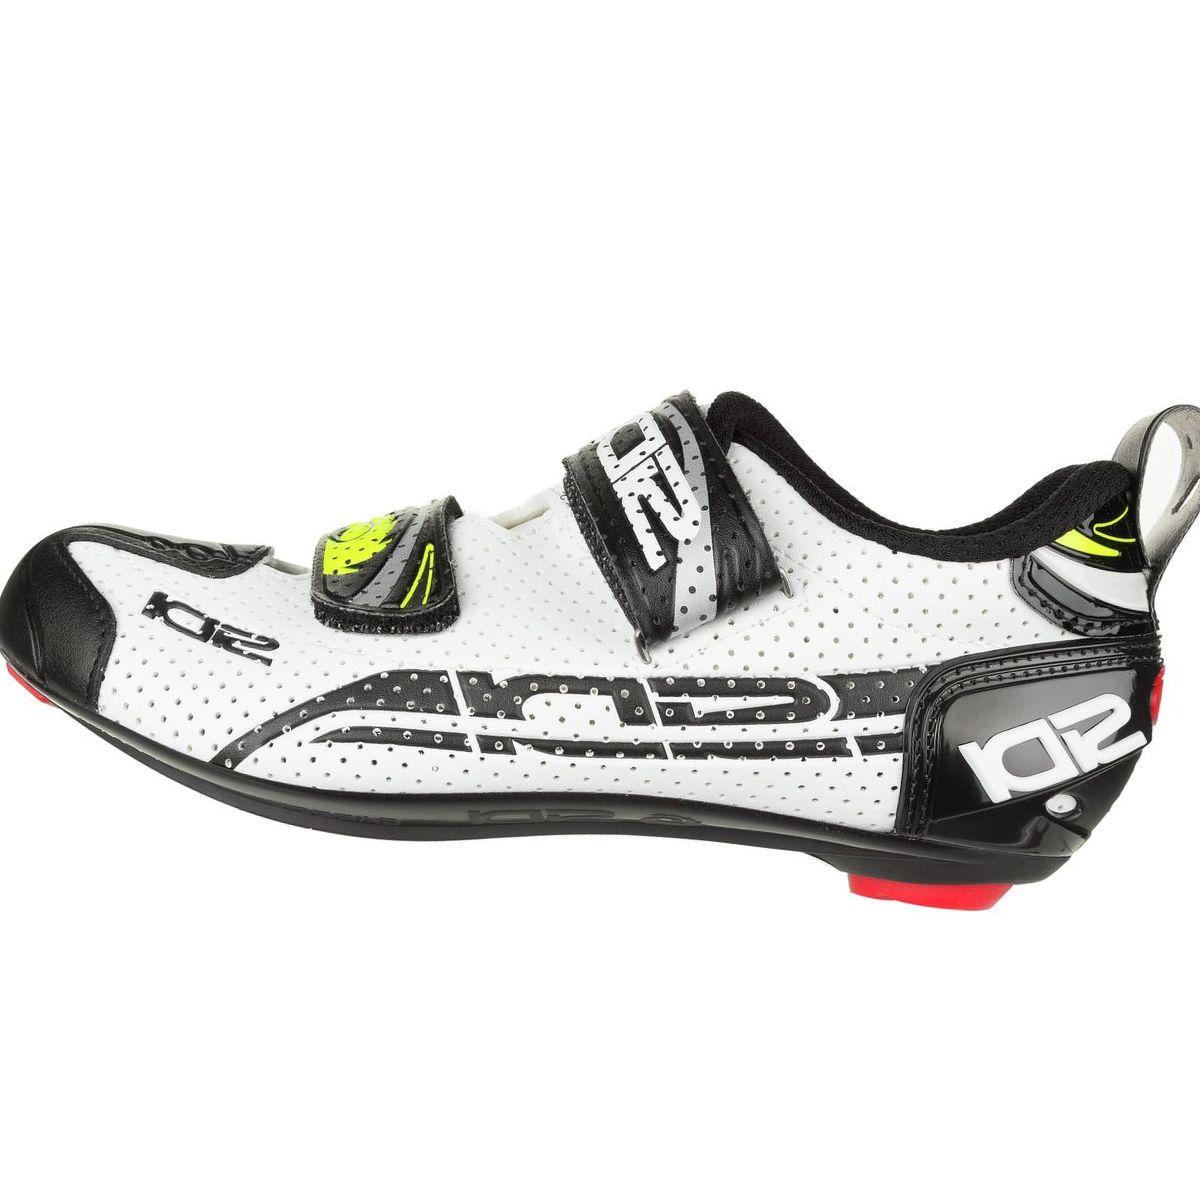 Sidi T-4 Air Carbon Composite Cycling Shoe - Women's